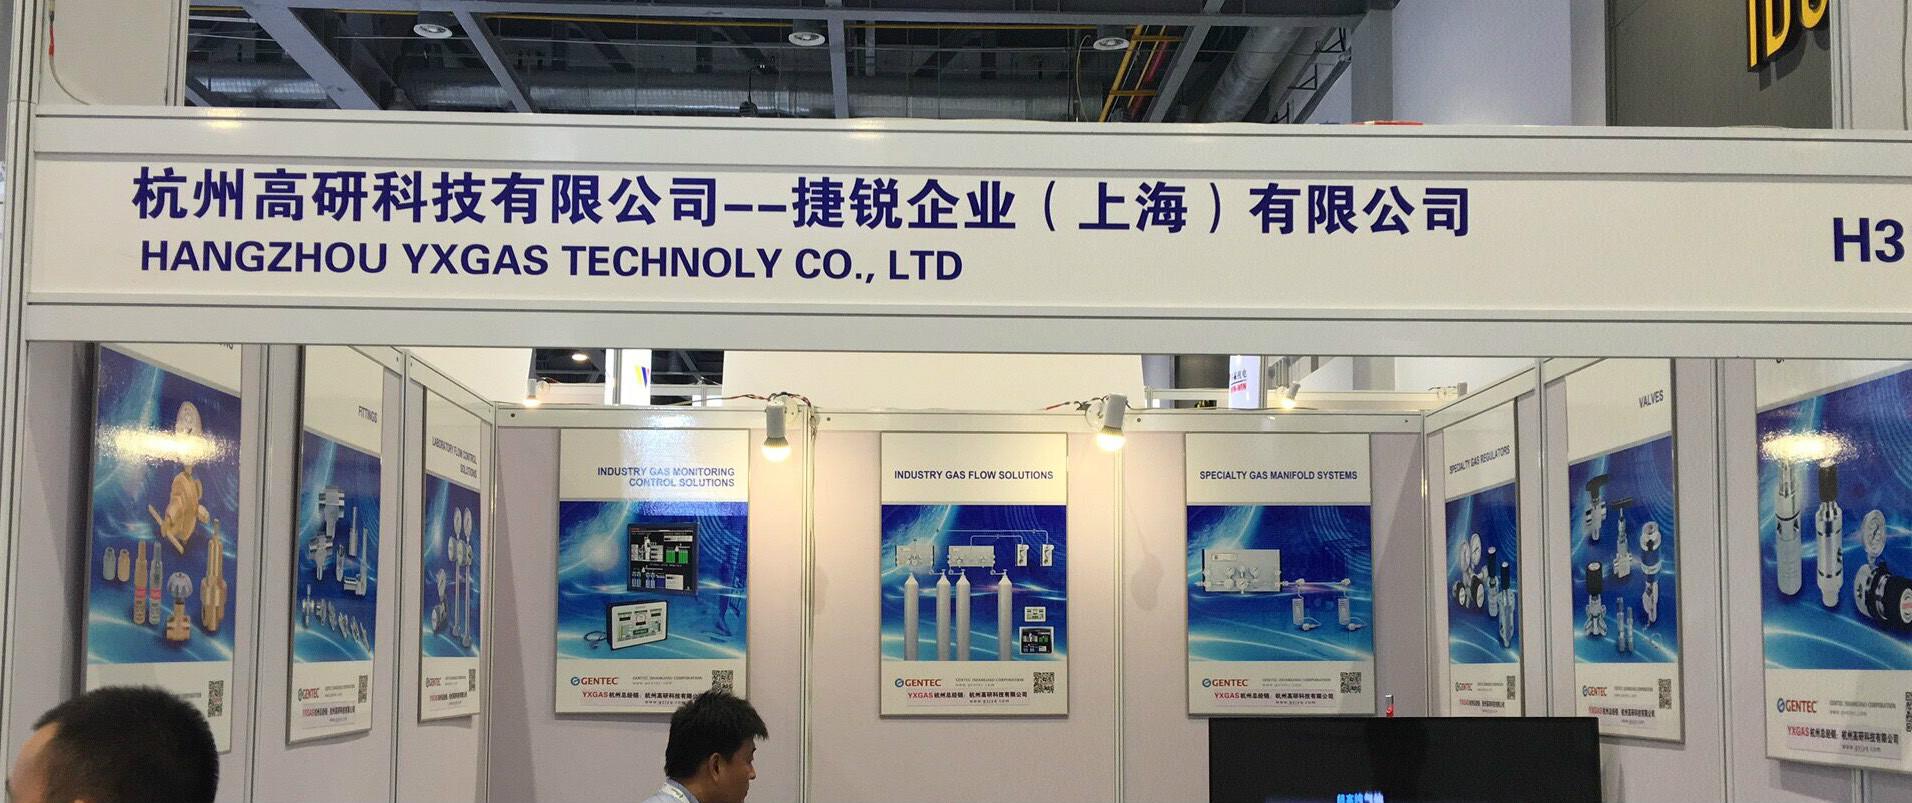 中国国际气体展举办 多家仪器仪表企业参展